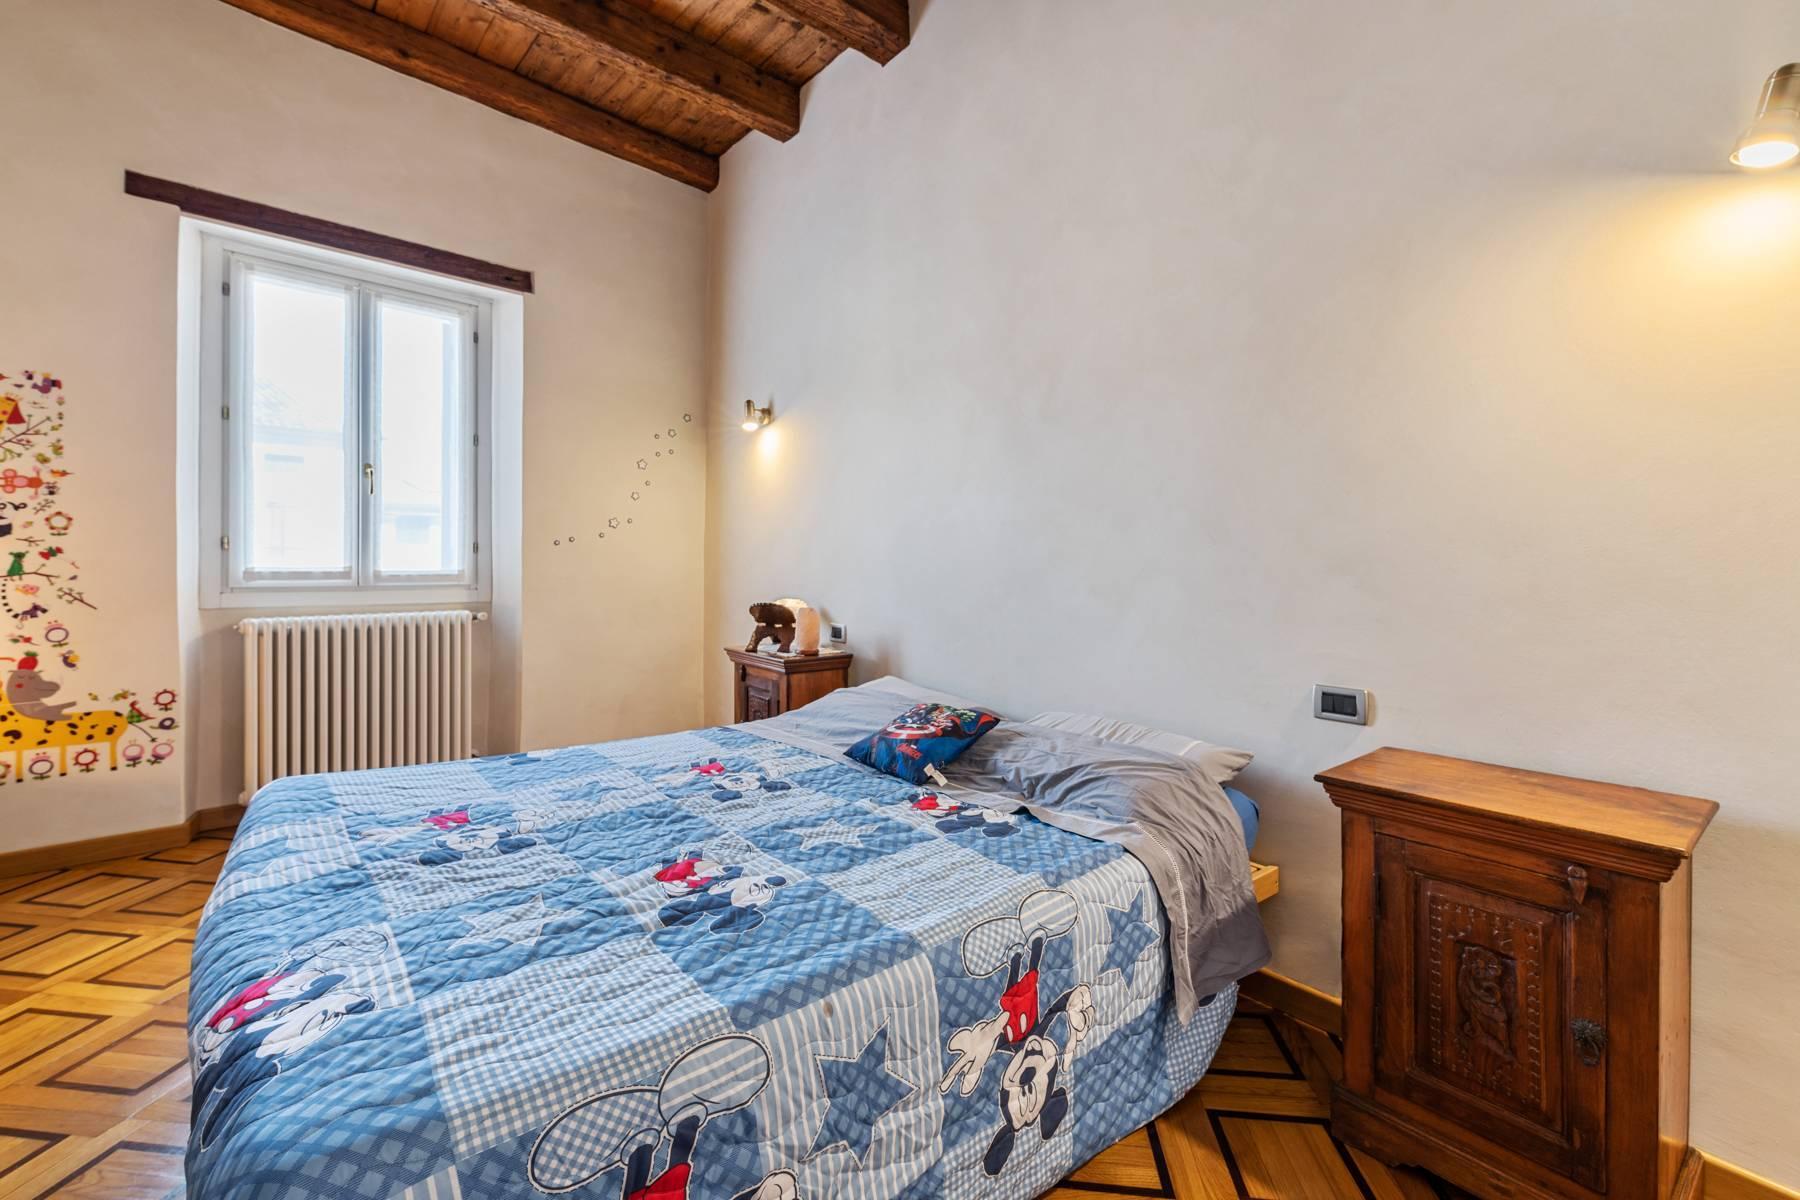 Renoviertes Gebäude aus dem 15. Jahrhundert im historischen Zentrum von Serravalle, Heimat des Malers Antonello Da Serravalle - 16